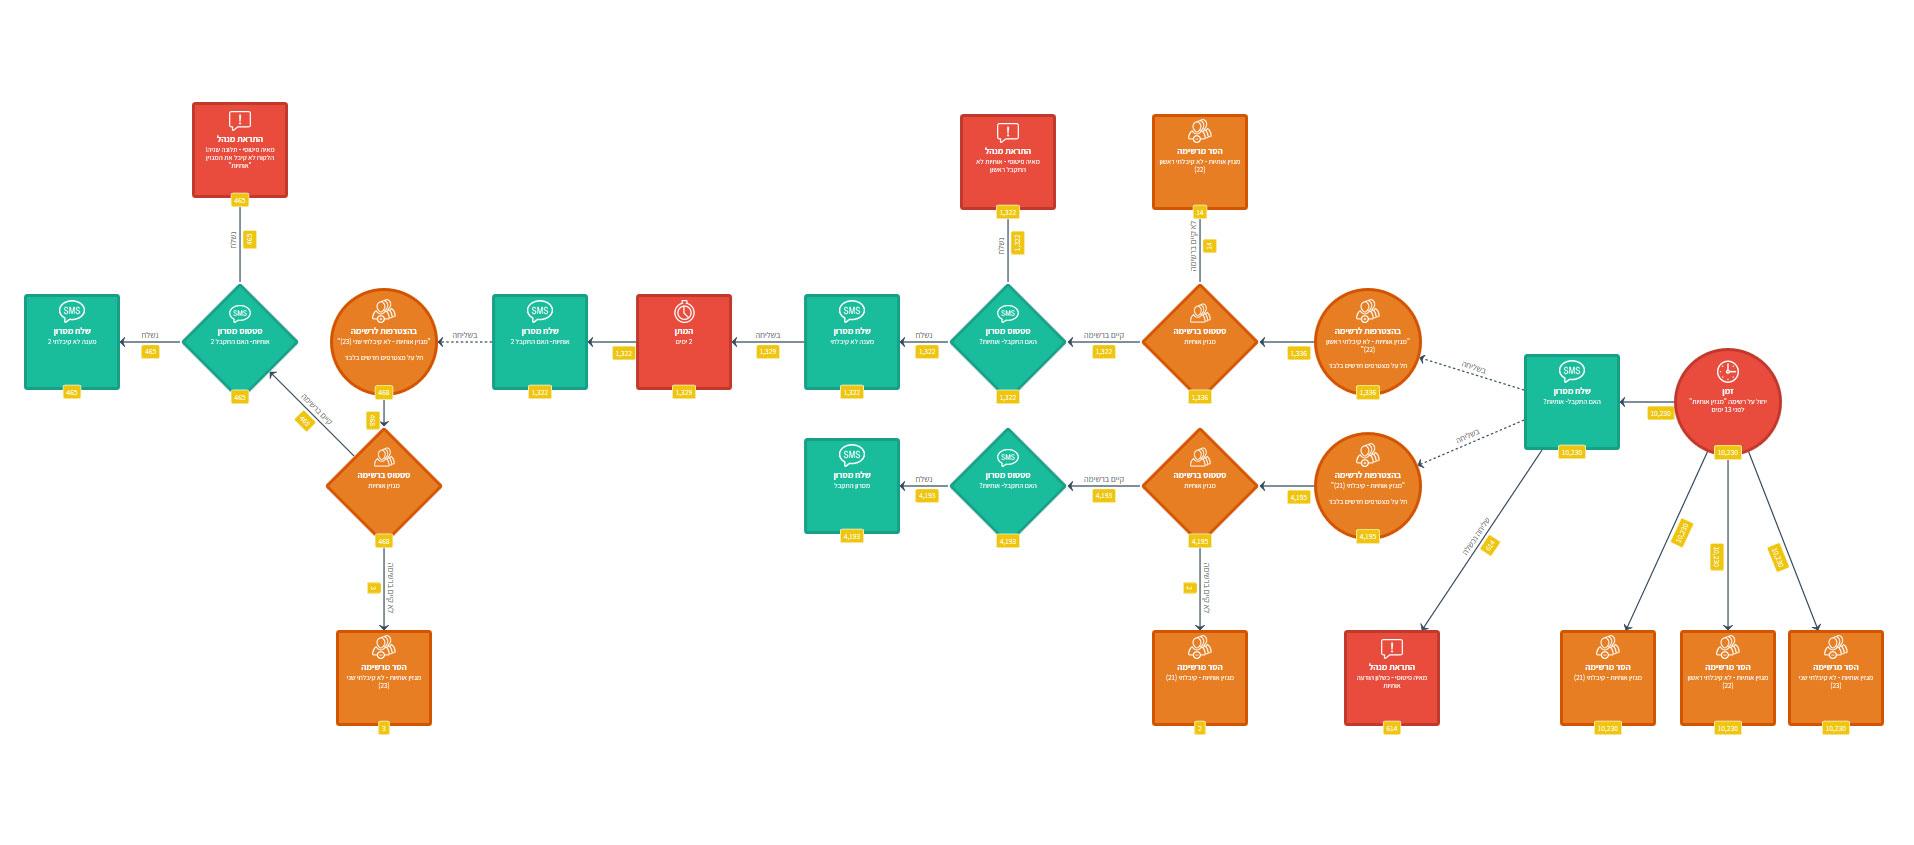 תהליך אוטומציה עם טריגרים ופעולות